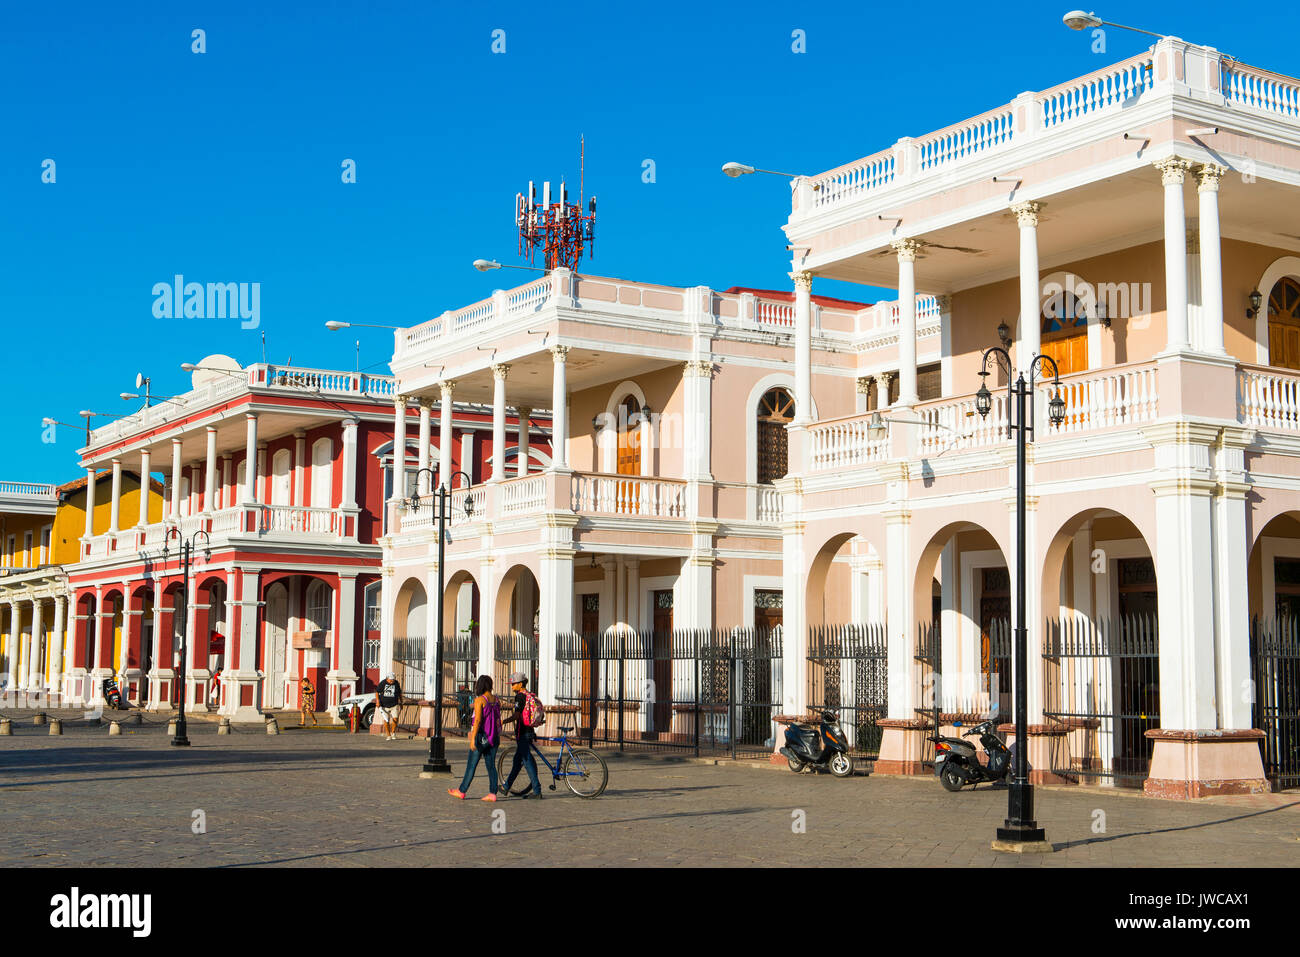 Fila di case, architettura coloniale, centro storico, Granada, Nicaragua Immagini Stock